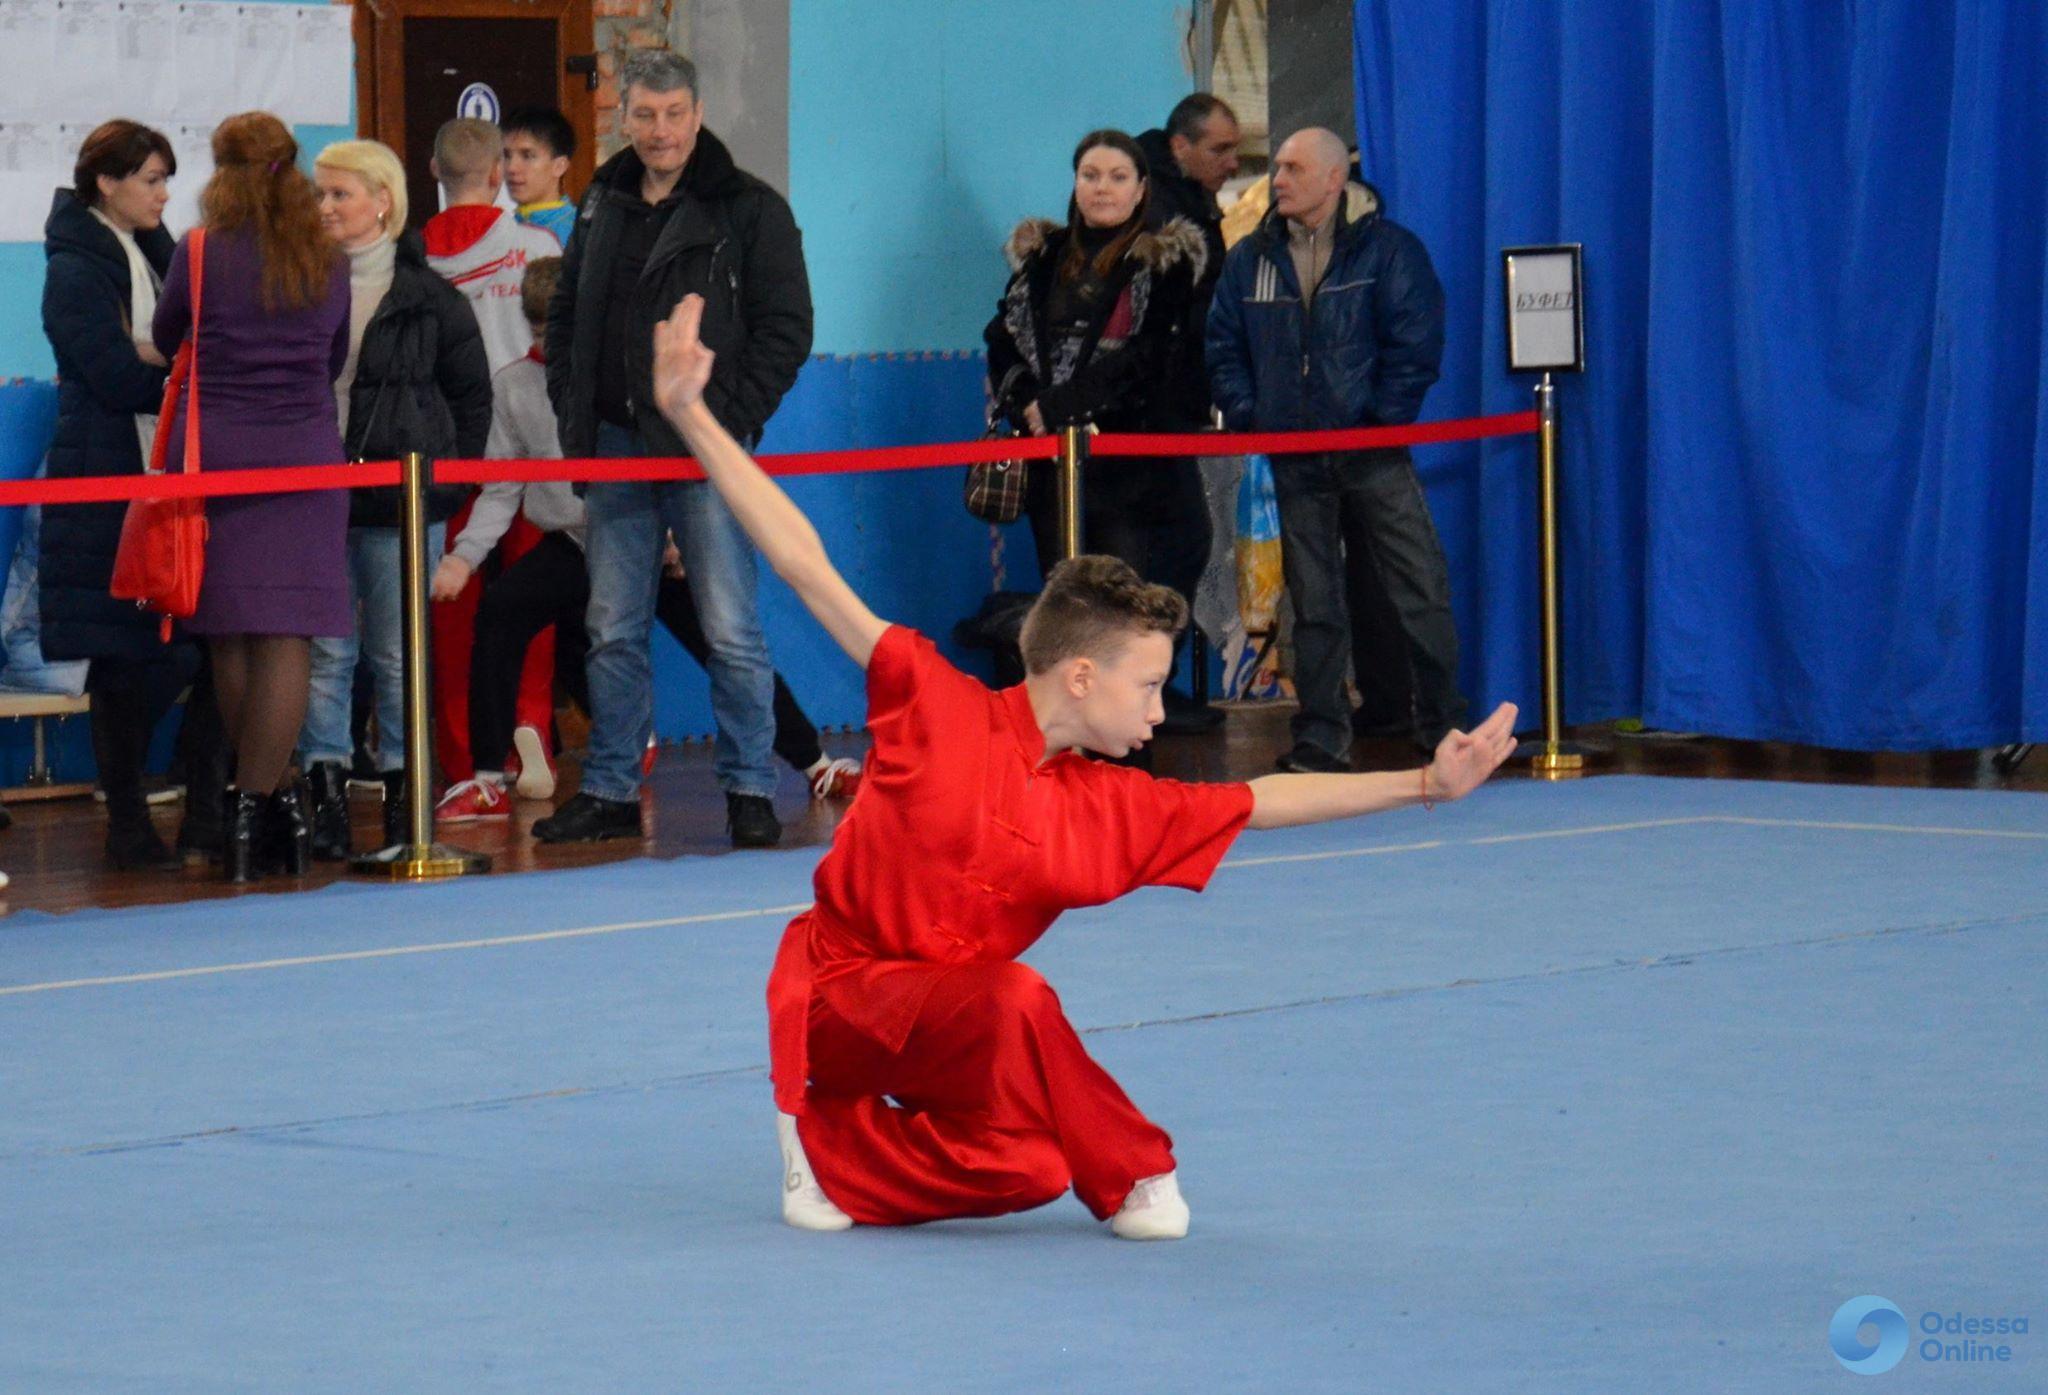 Сборная Одесской федерации ушу завоевала почти три десятка медалей юношеского чемпионата Украины